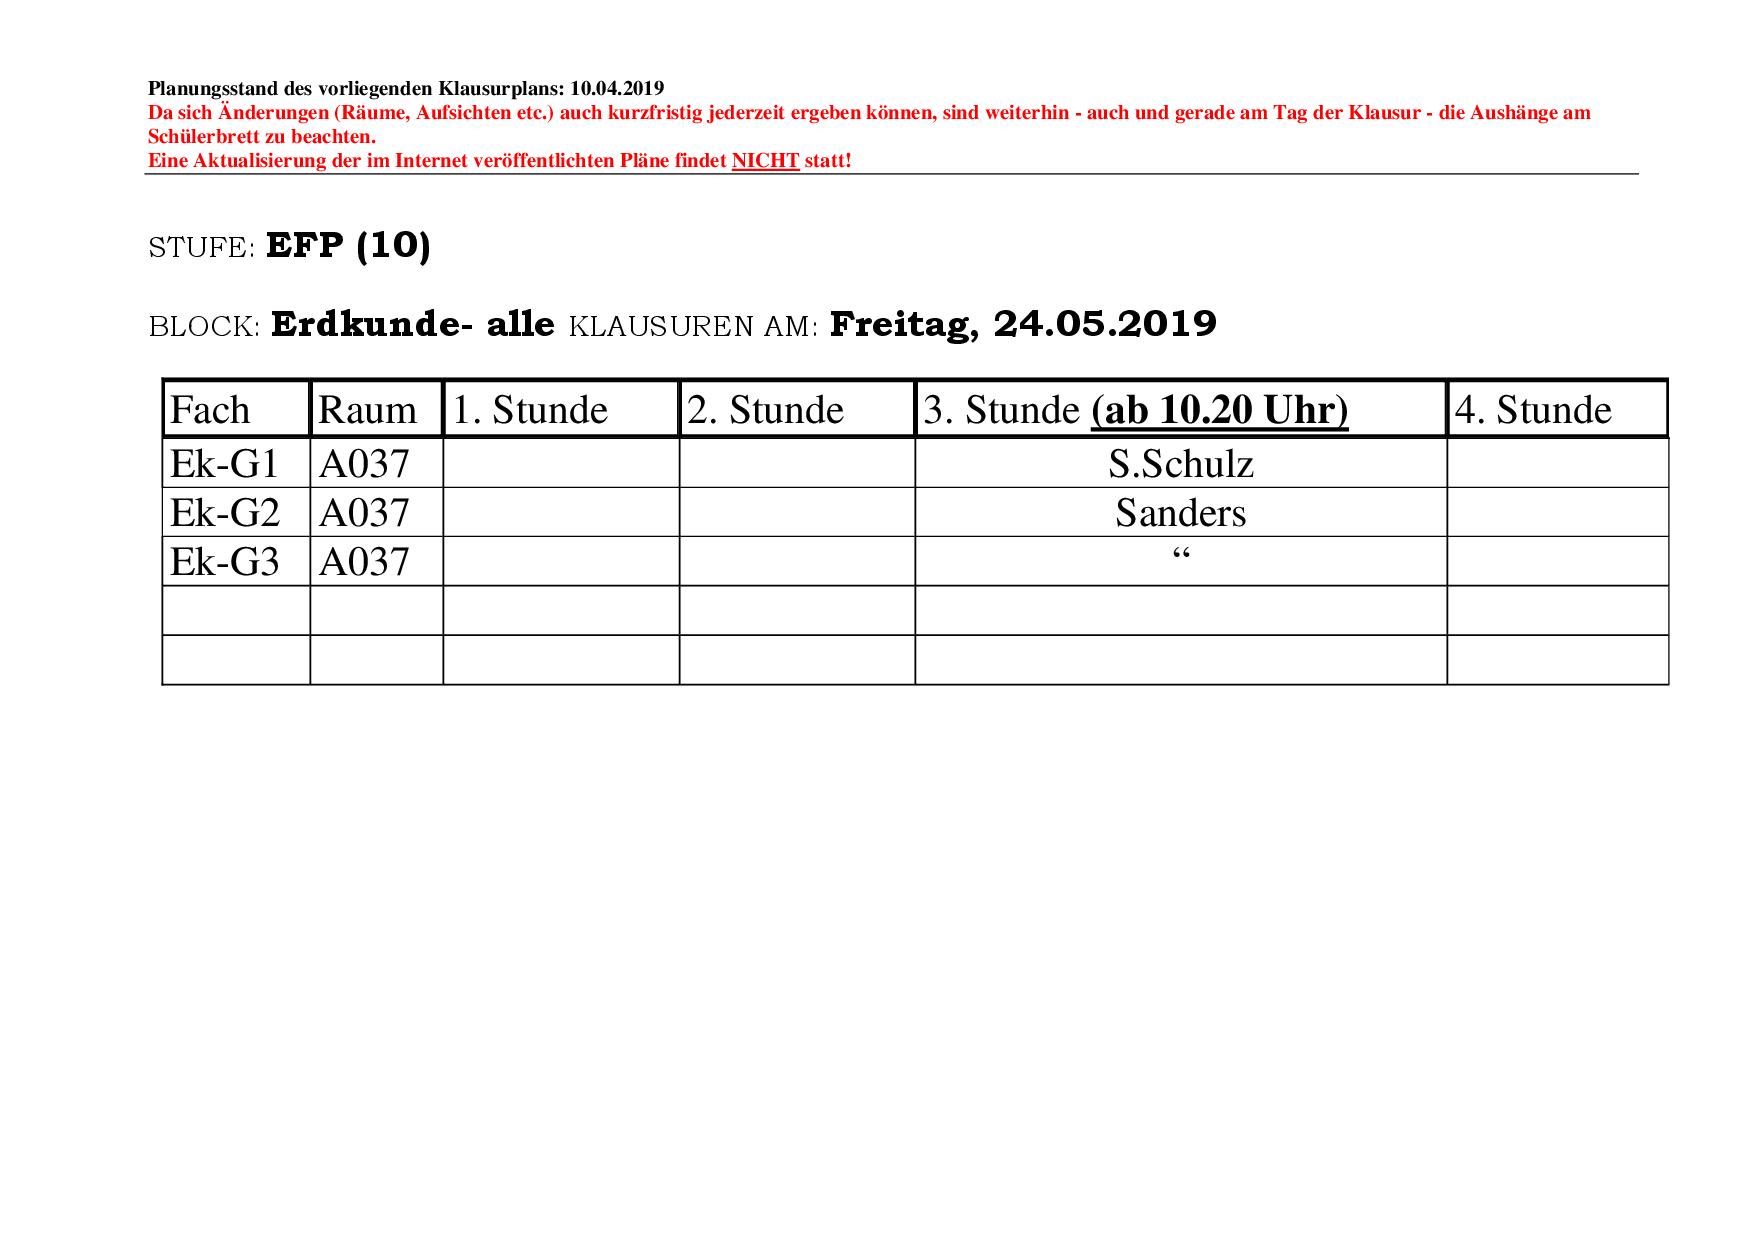 EF_2018-2019-Q4-004